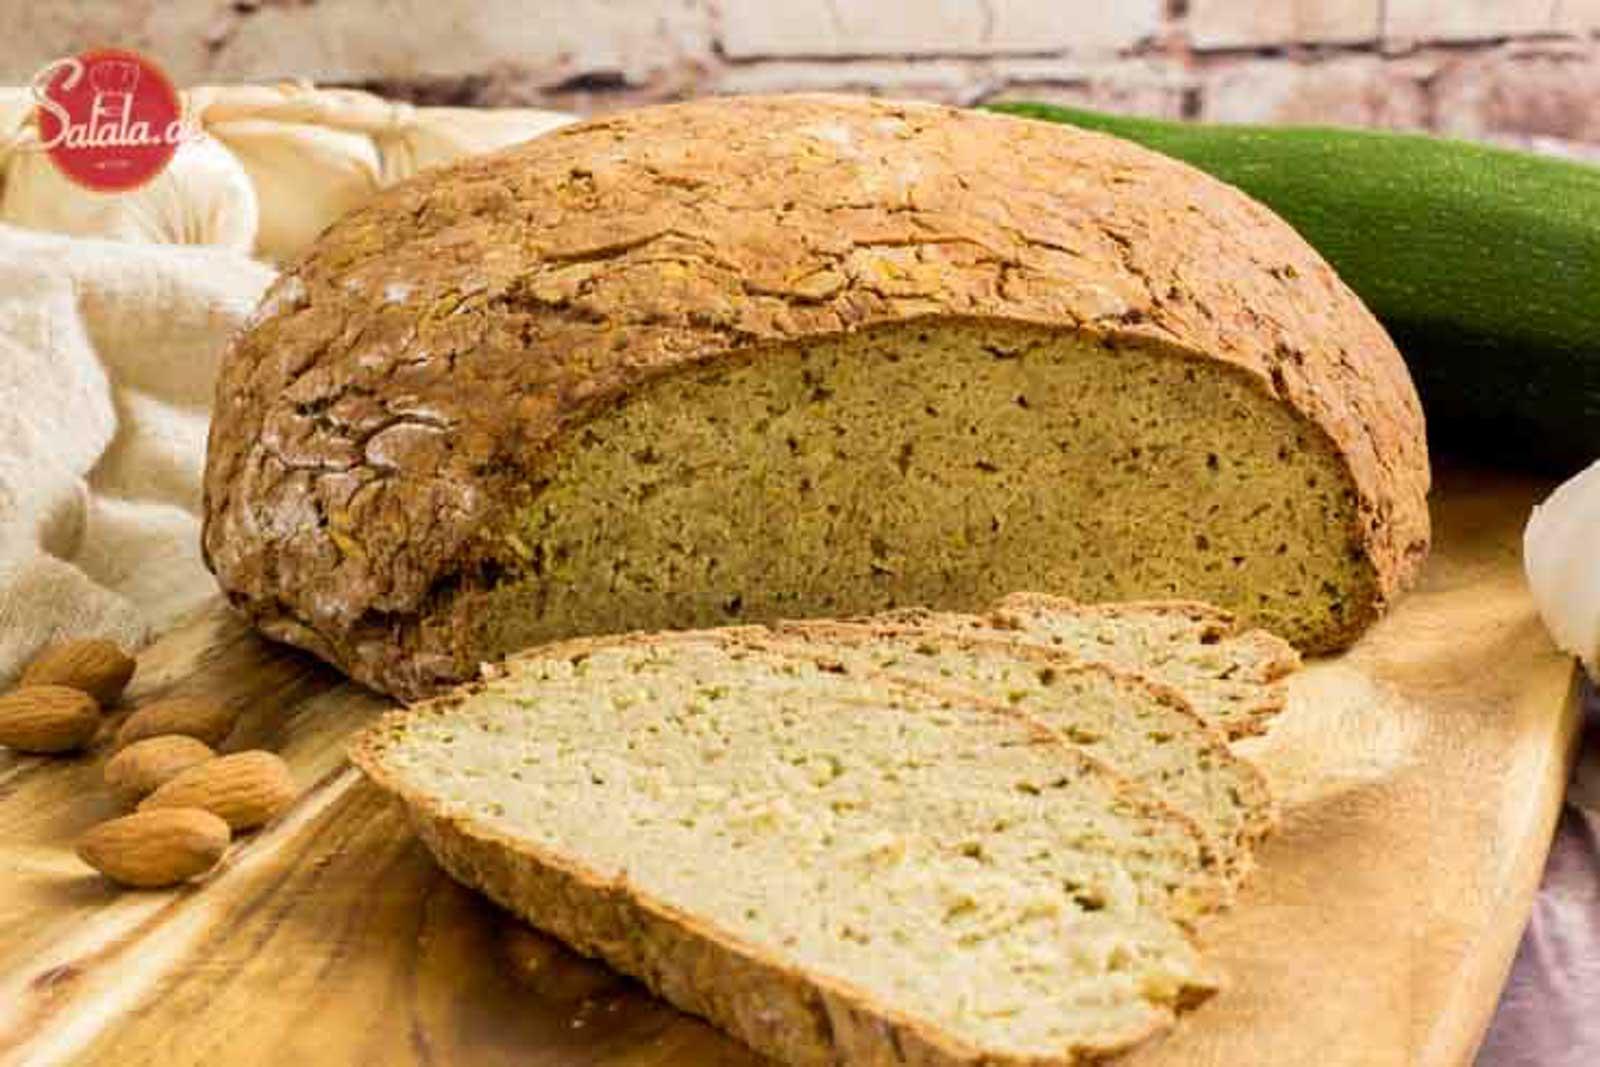 Zucchinibrot Rezept - by salala.de - ohne Mehl, glutenfrei und nur 1g Kohlenhydrate #glutenfrei #lowcarbbrot #zucchini #zucchinibrot #brotohnemehl #lowcarb #rezepte